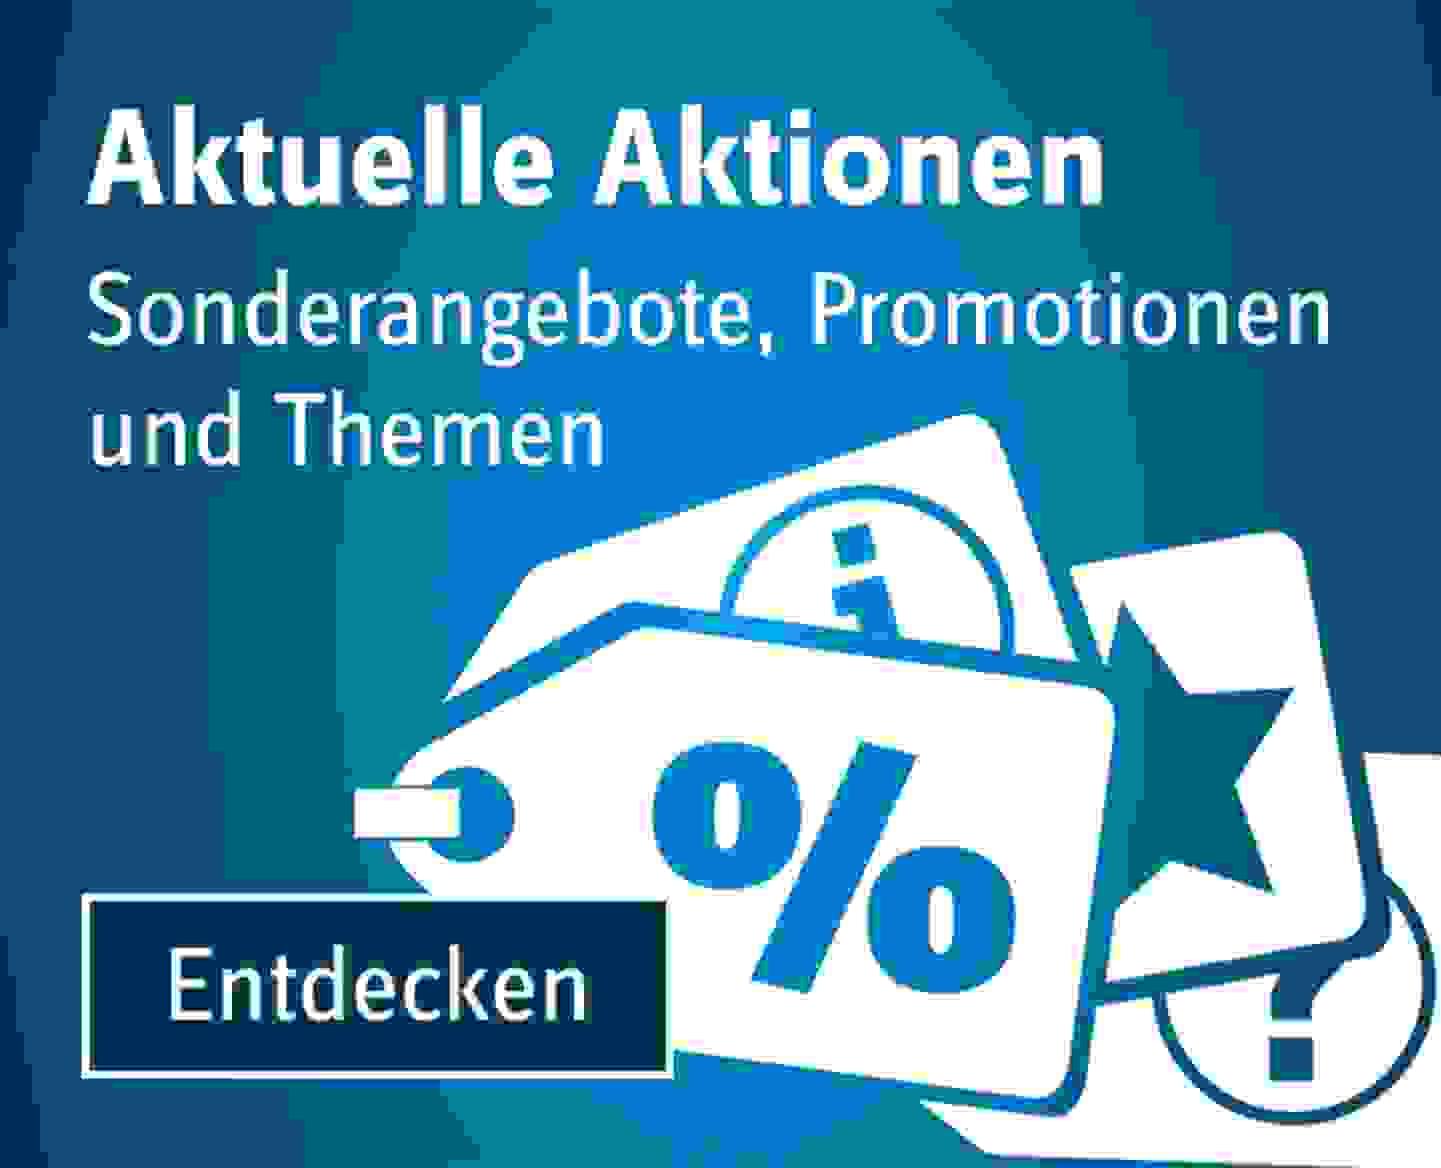 Promotionen, Angebote & Aktionen - Jetzt entdecken & profitieren »